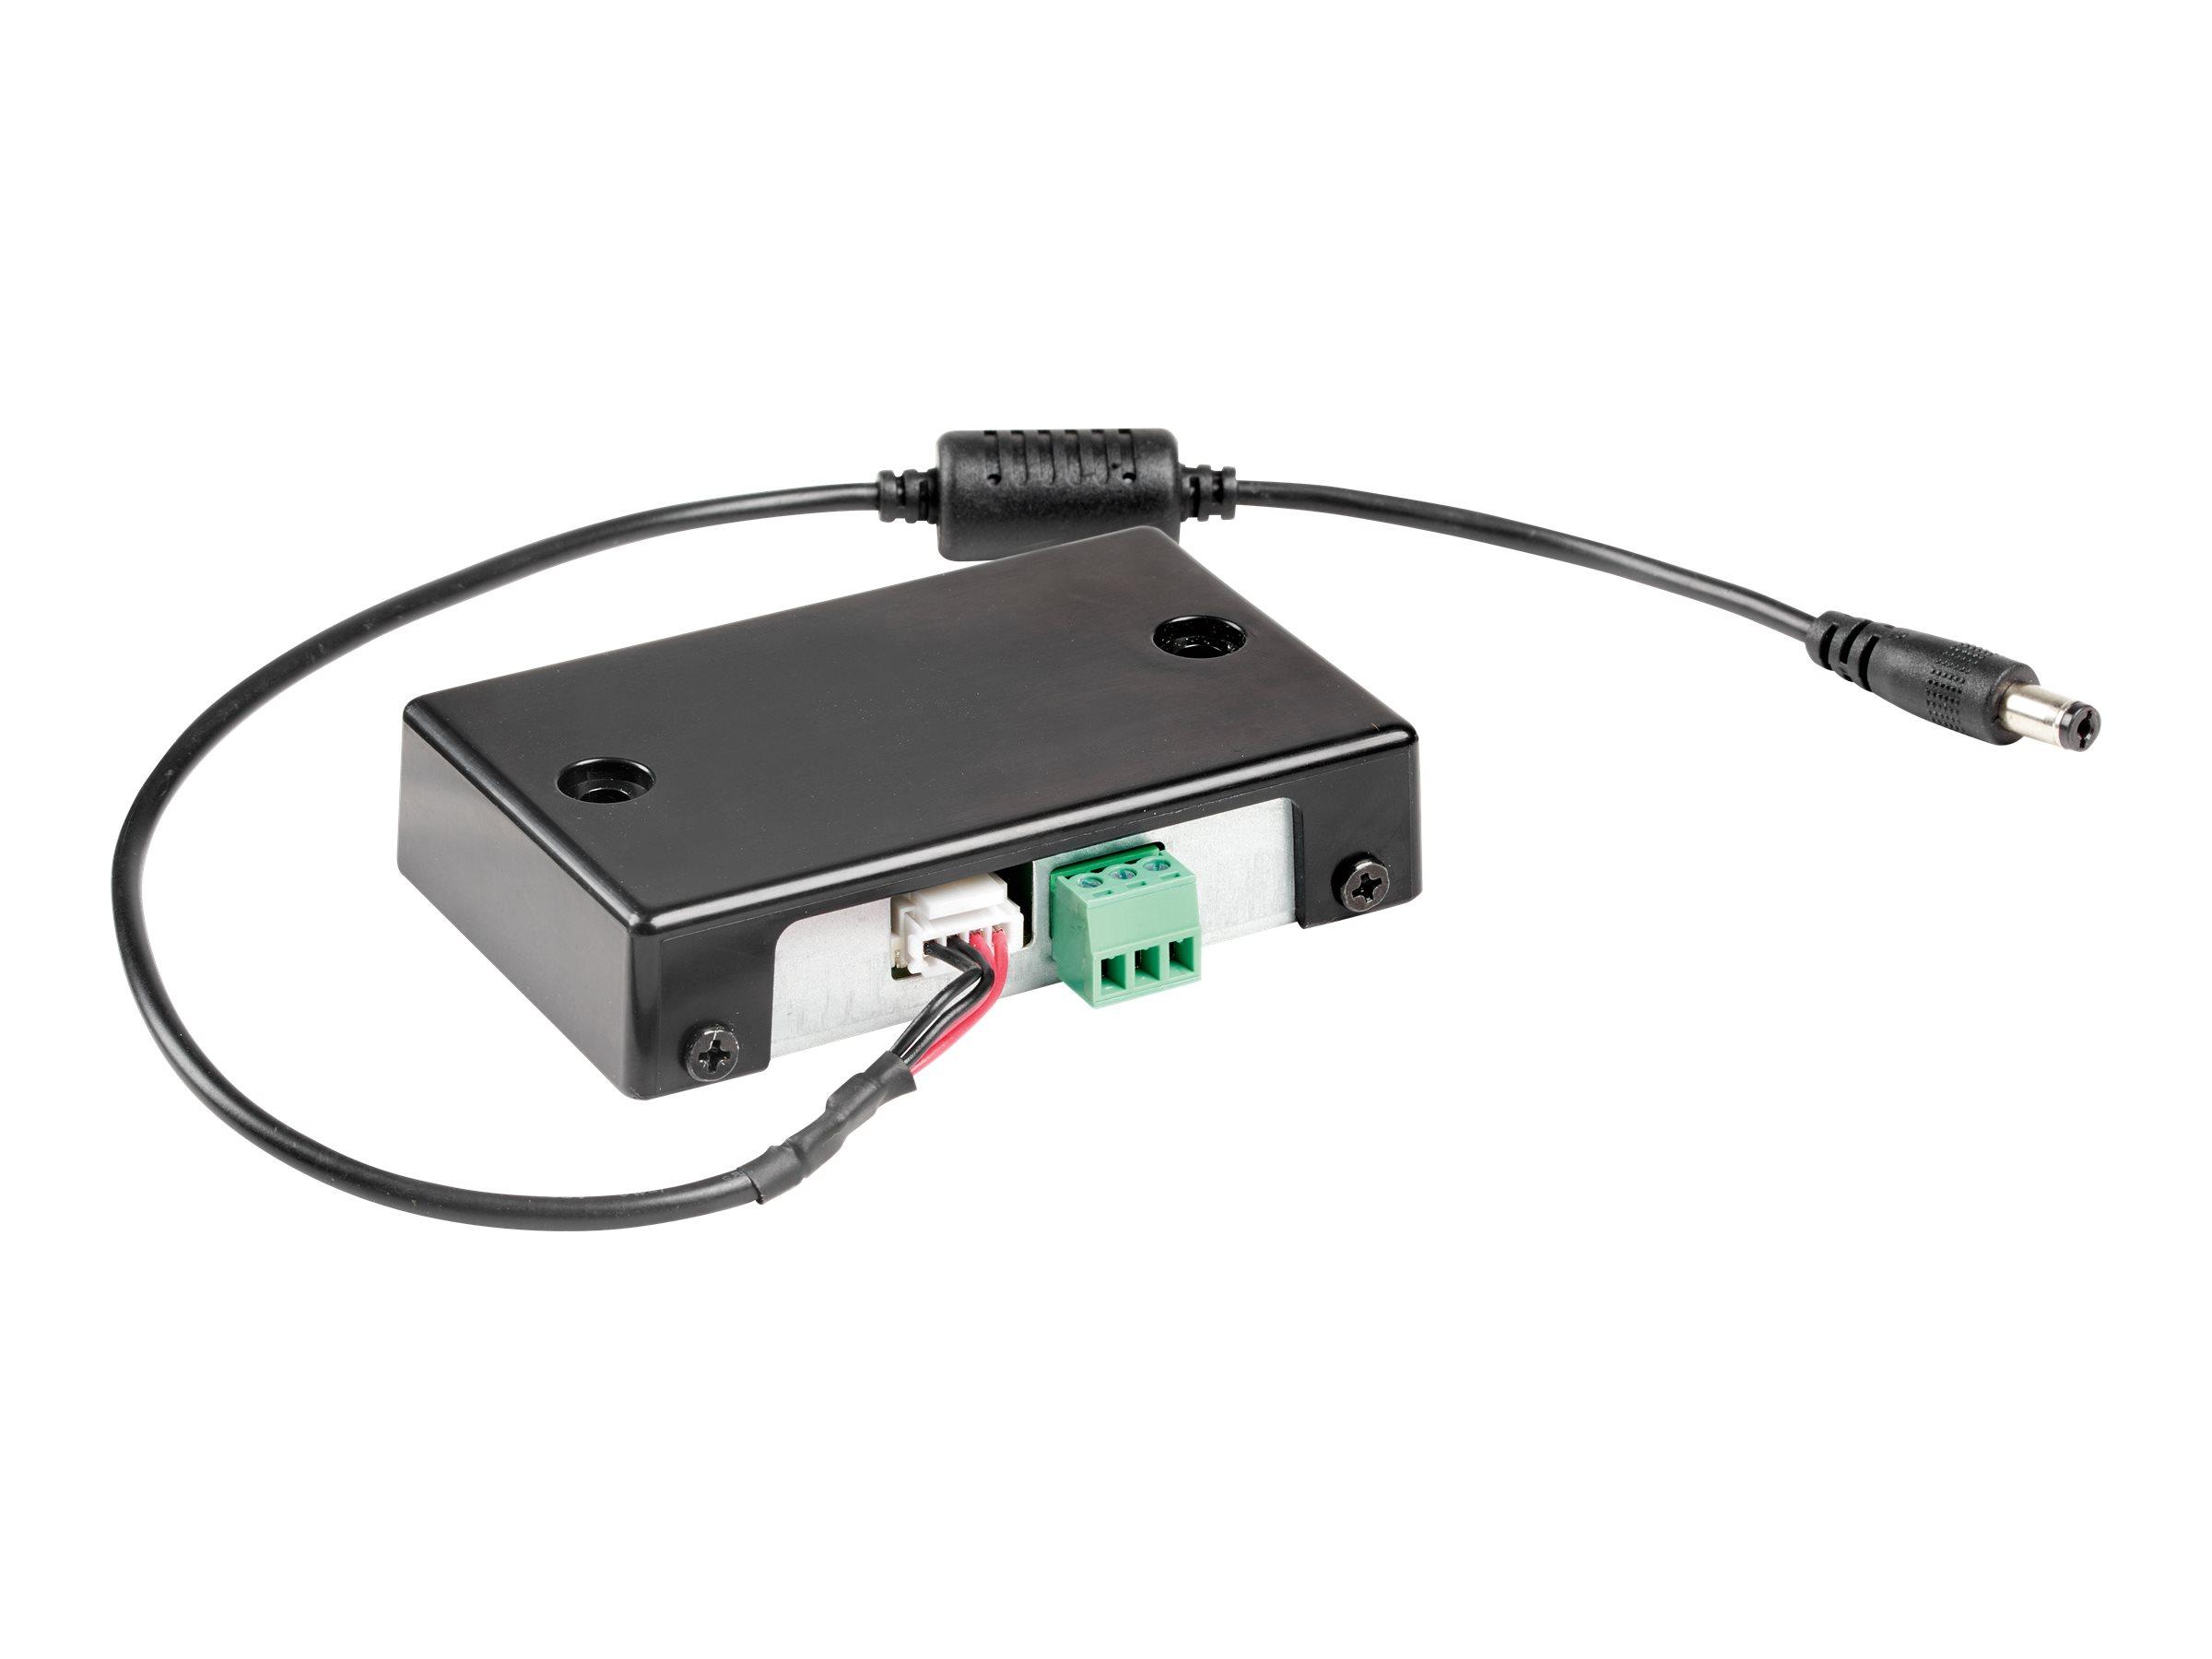 Elo 24 VDC Converter Kit - power converter